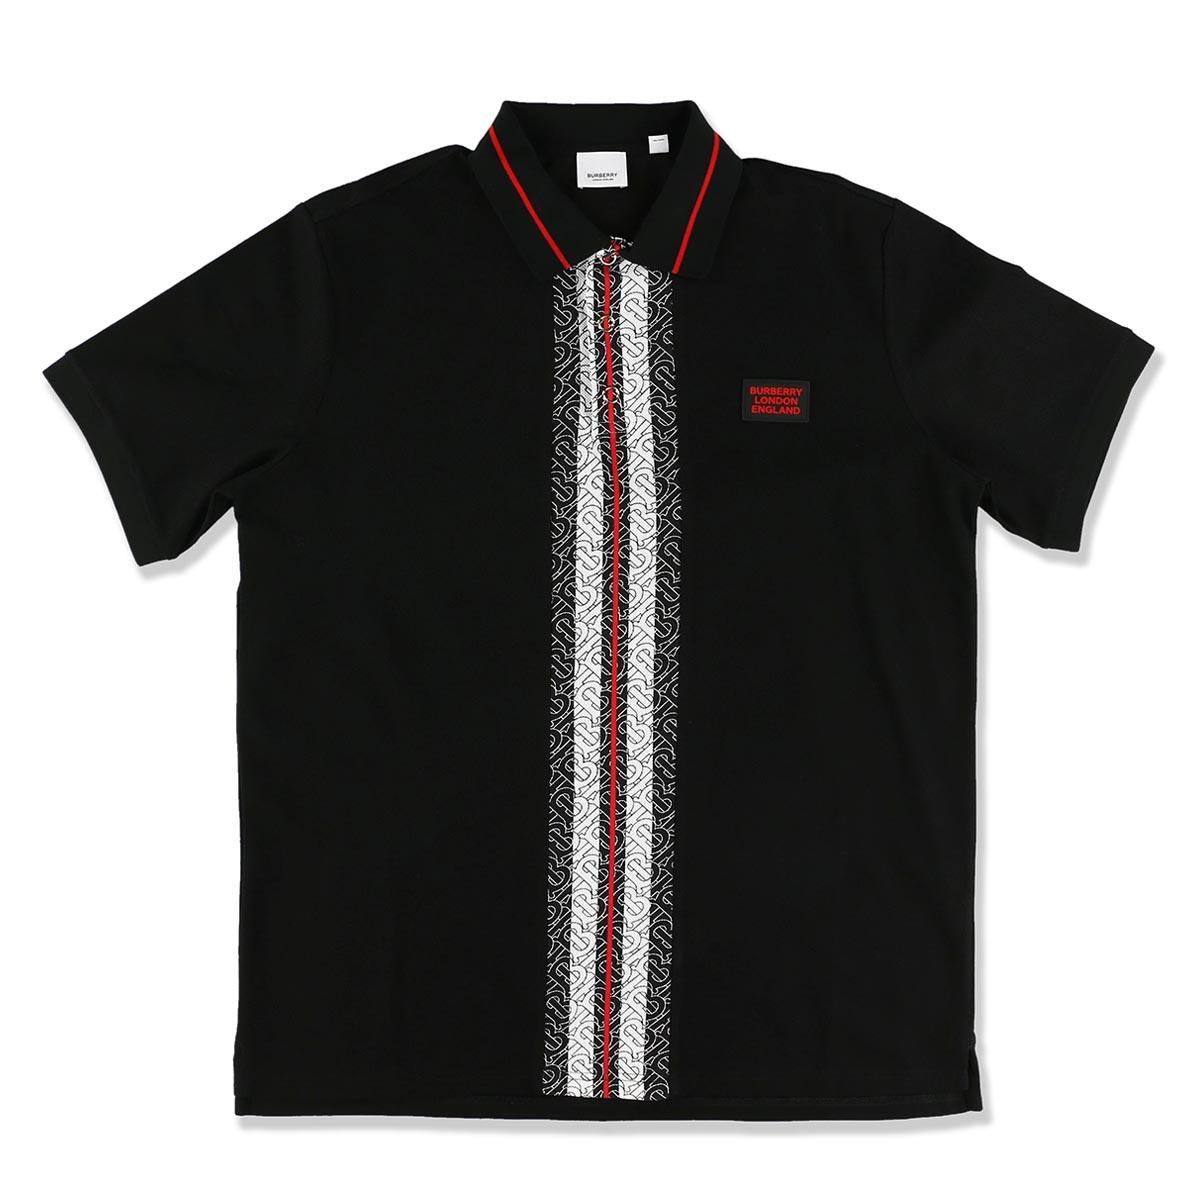 【アウトレット】【ラスト1点】バーバリー BURBERRY ポロシャツ ブラック メンズ 8027016 black JEYFORD【あす楽対応_関東】【返品送料無料】【ラッピング無料】